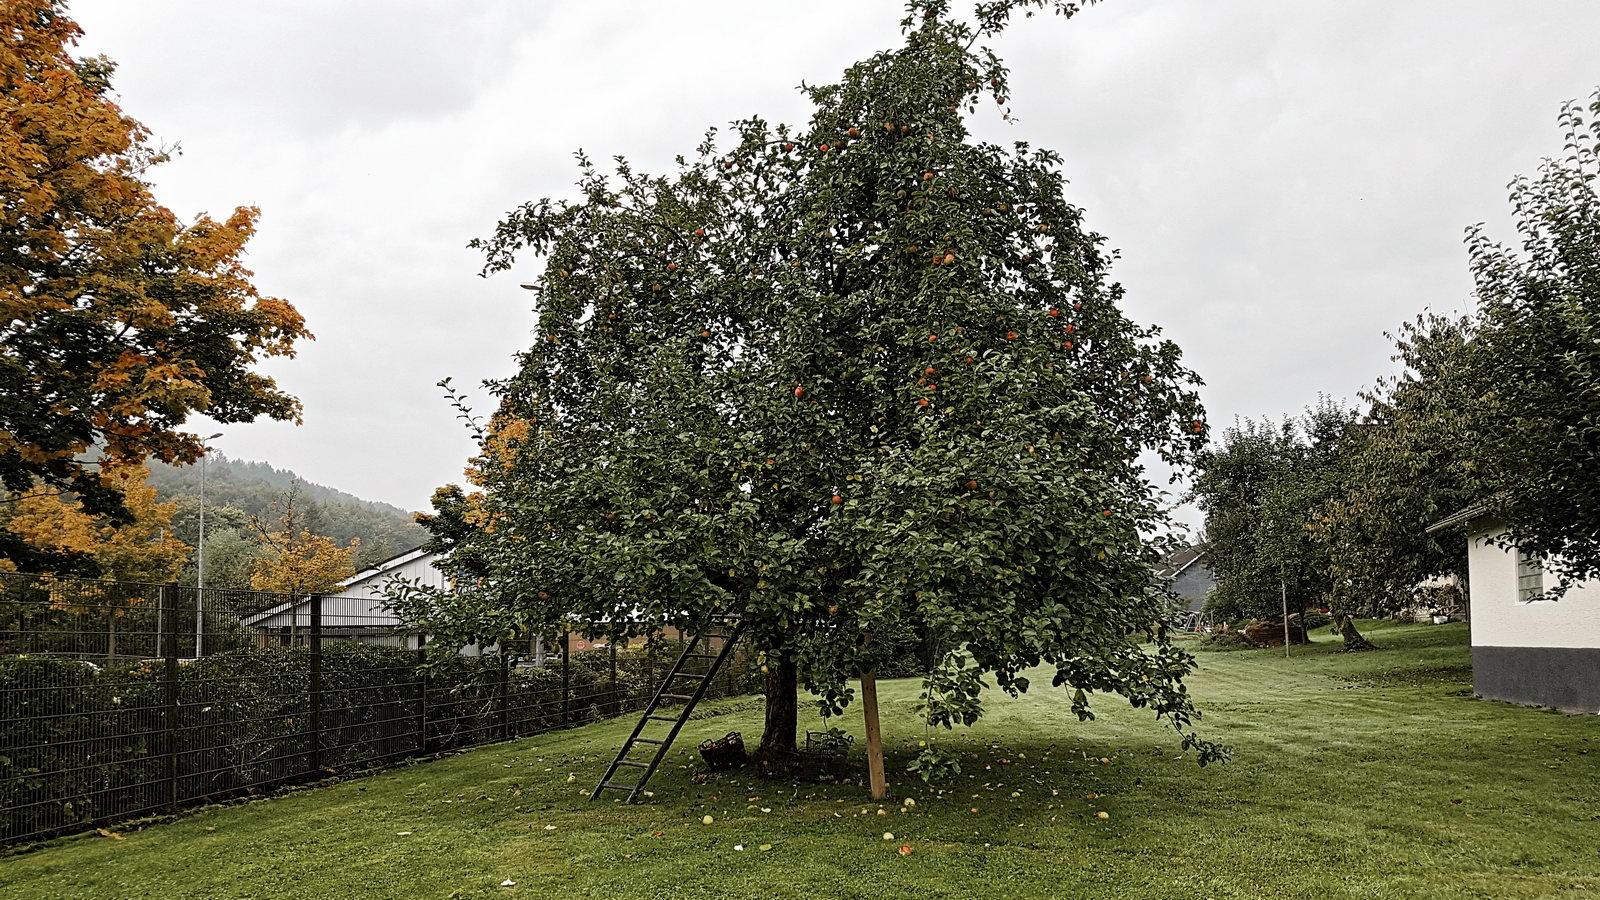 Büschergrund - ein Apfelbaum im Herbst